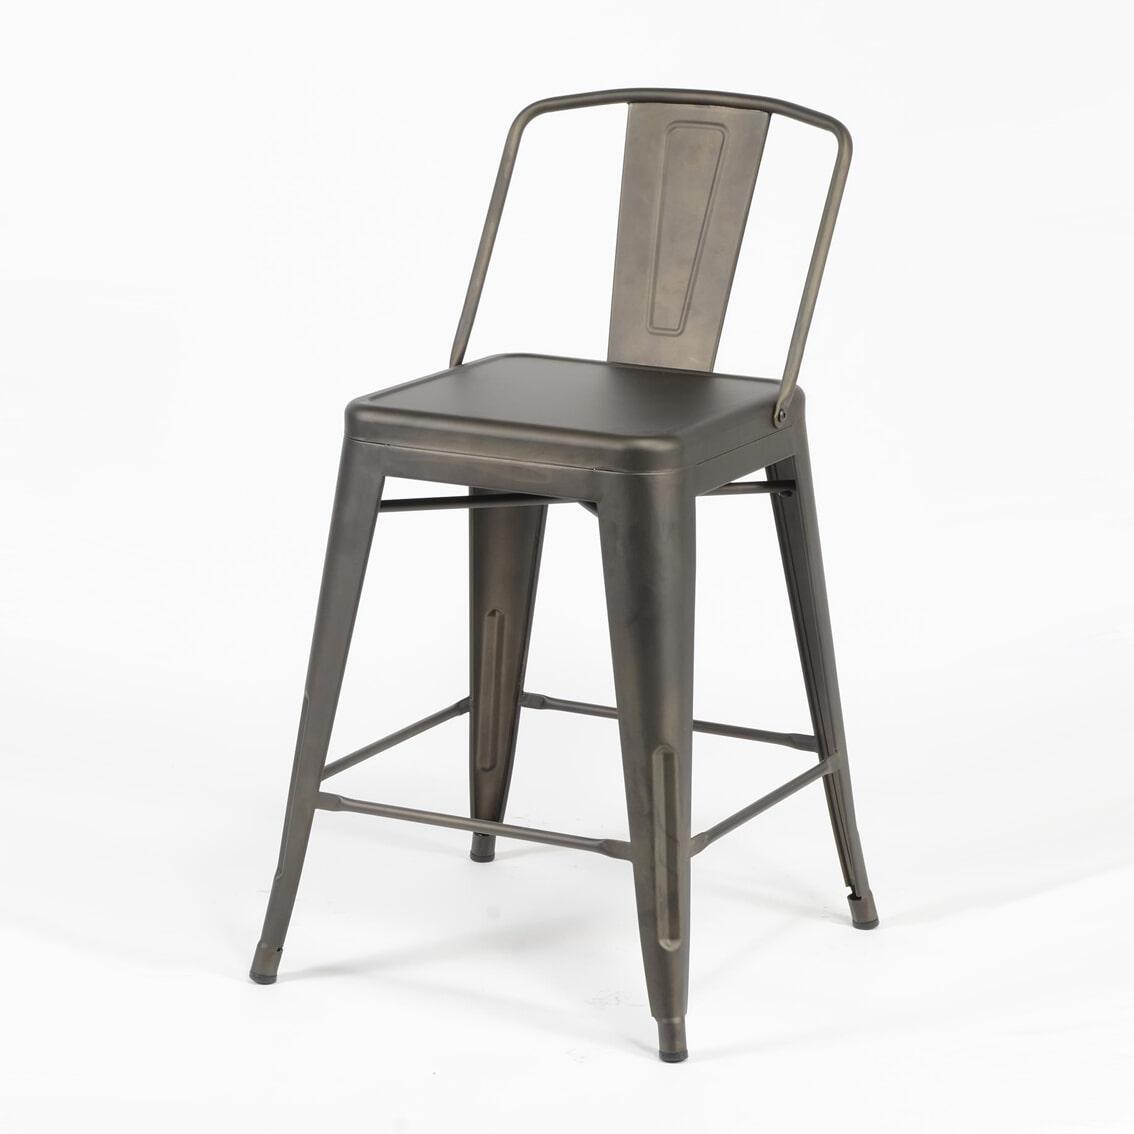 Barstoel 'Bistro' Industrieel (zithoogte 61cm) Zitmeubelen | Barkrukken & Barstoelen vergelijken doe je het voordeligst hier bij Meubelpartner